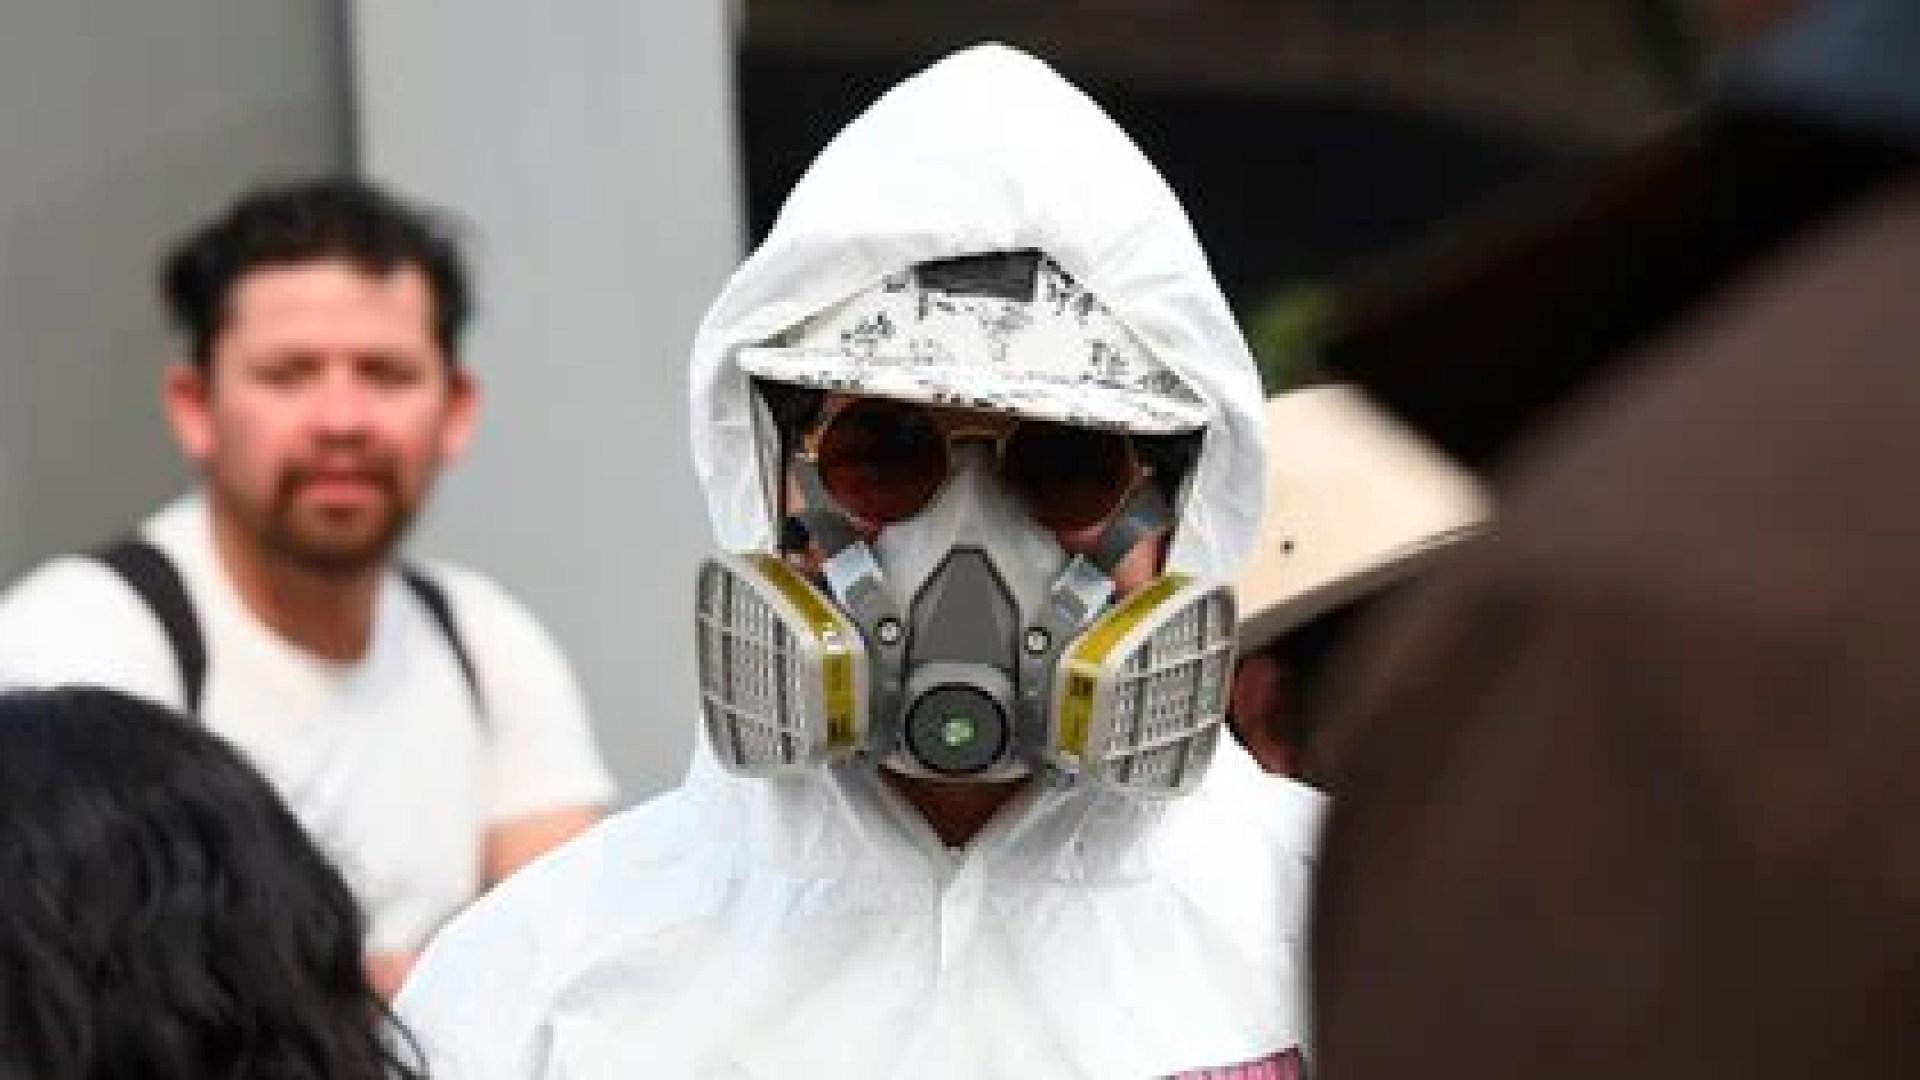 México superó las 50,000 muertes por COVID-19 en agosto (Foto: Jorge Núñez/ EFE)